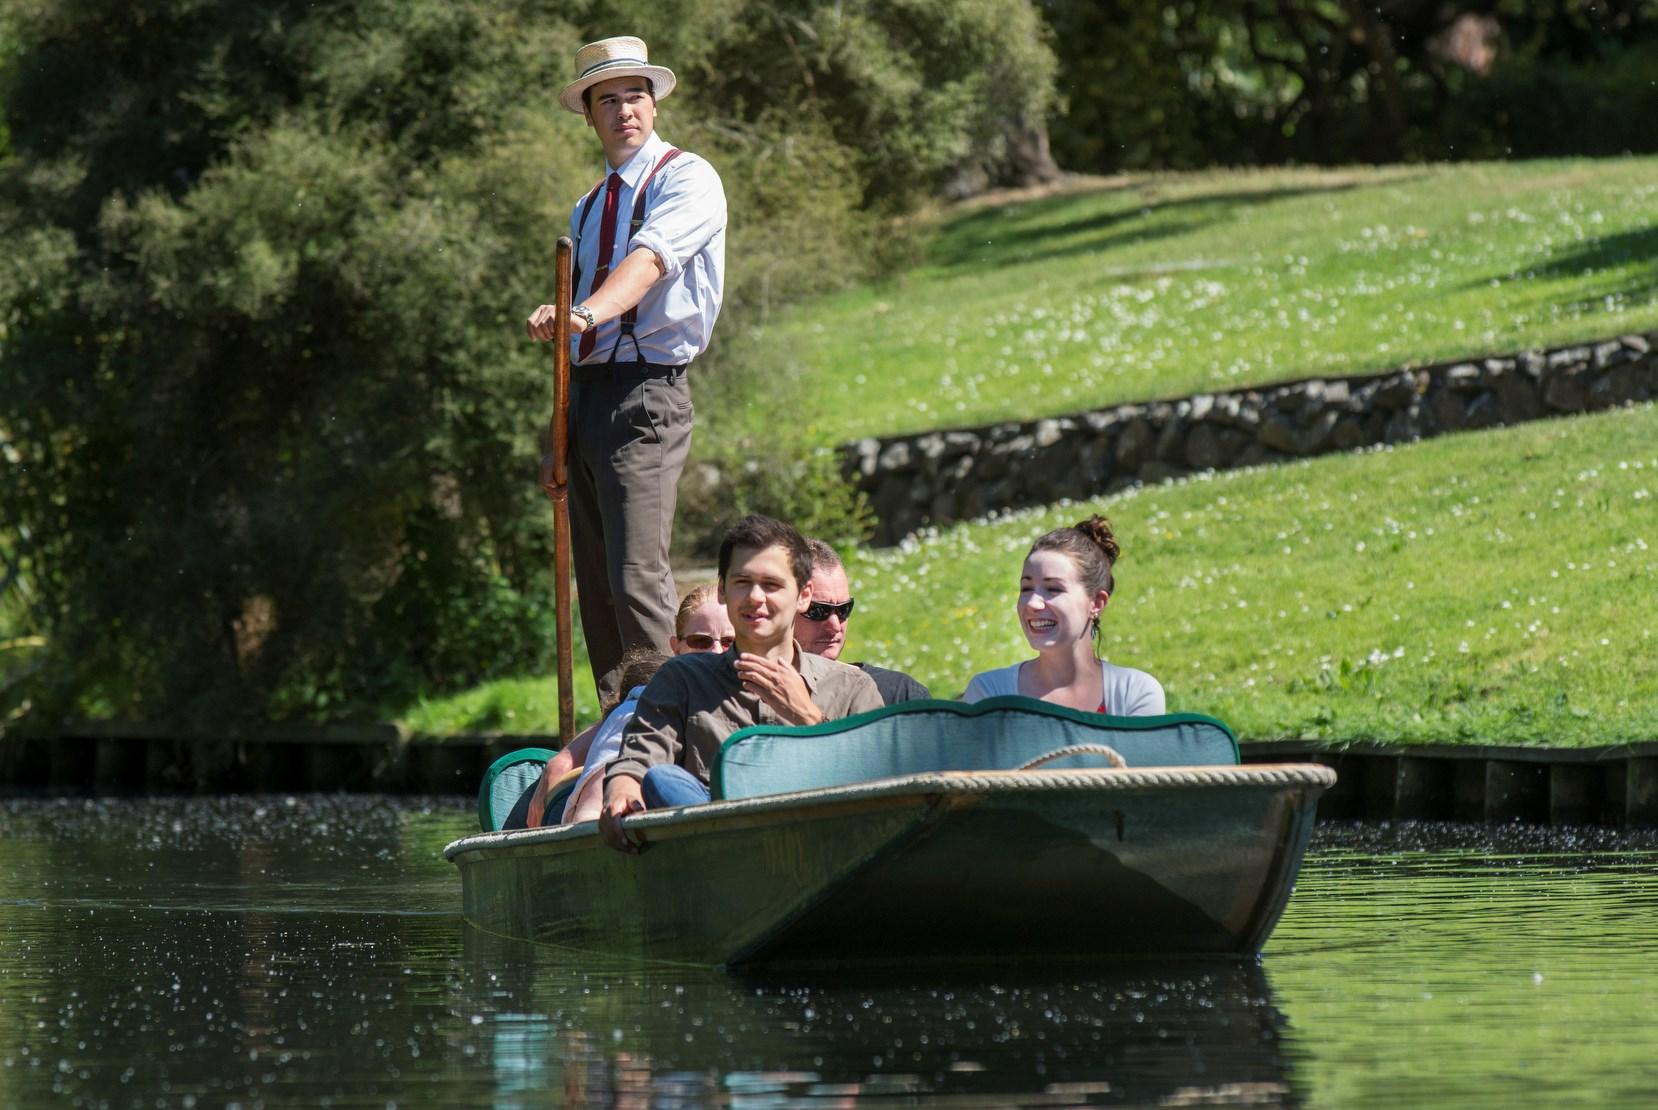 Đi thuyền trên sông Avon